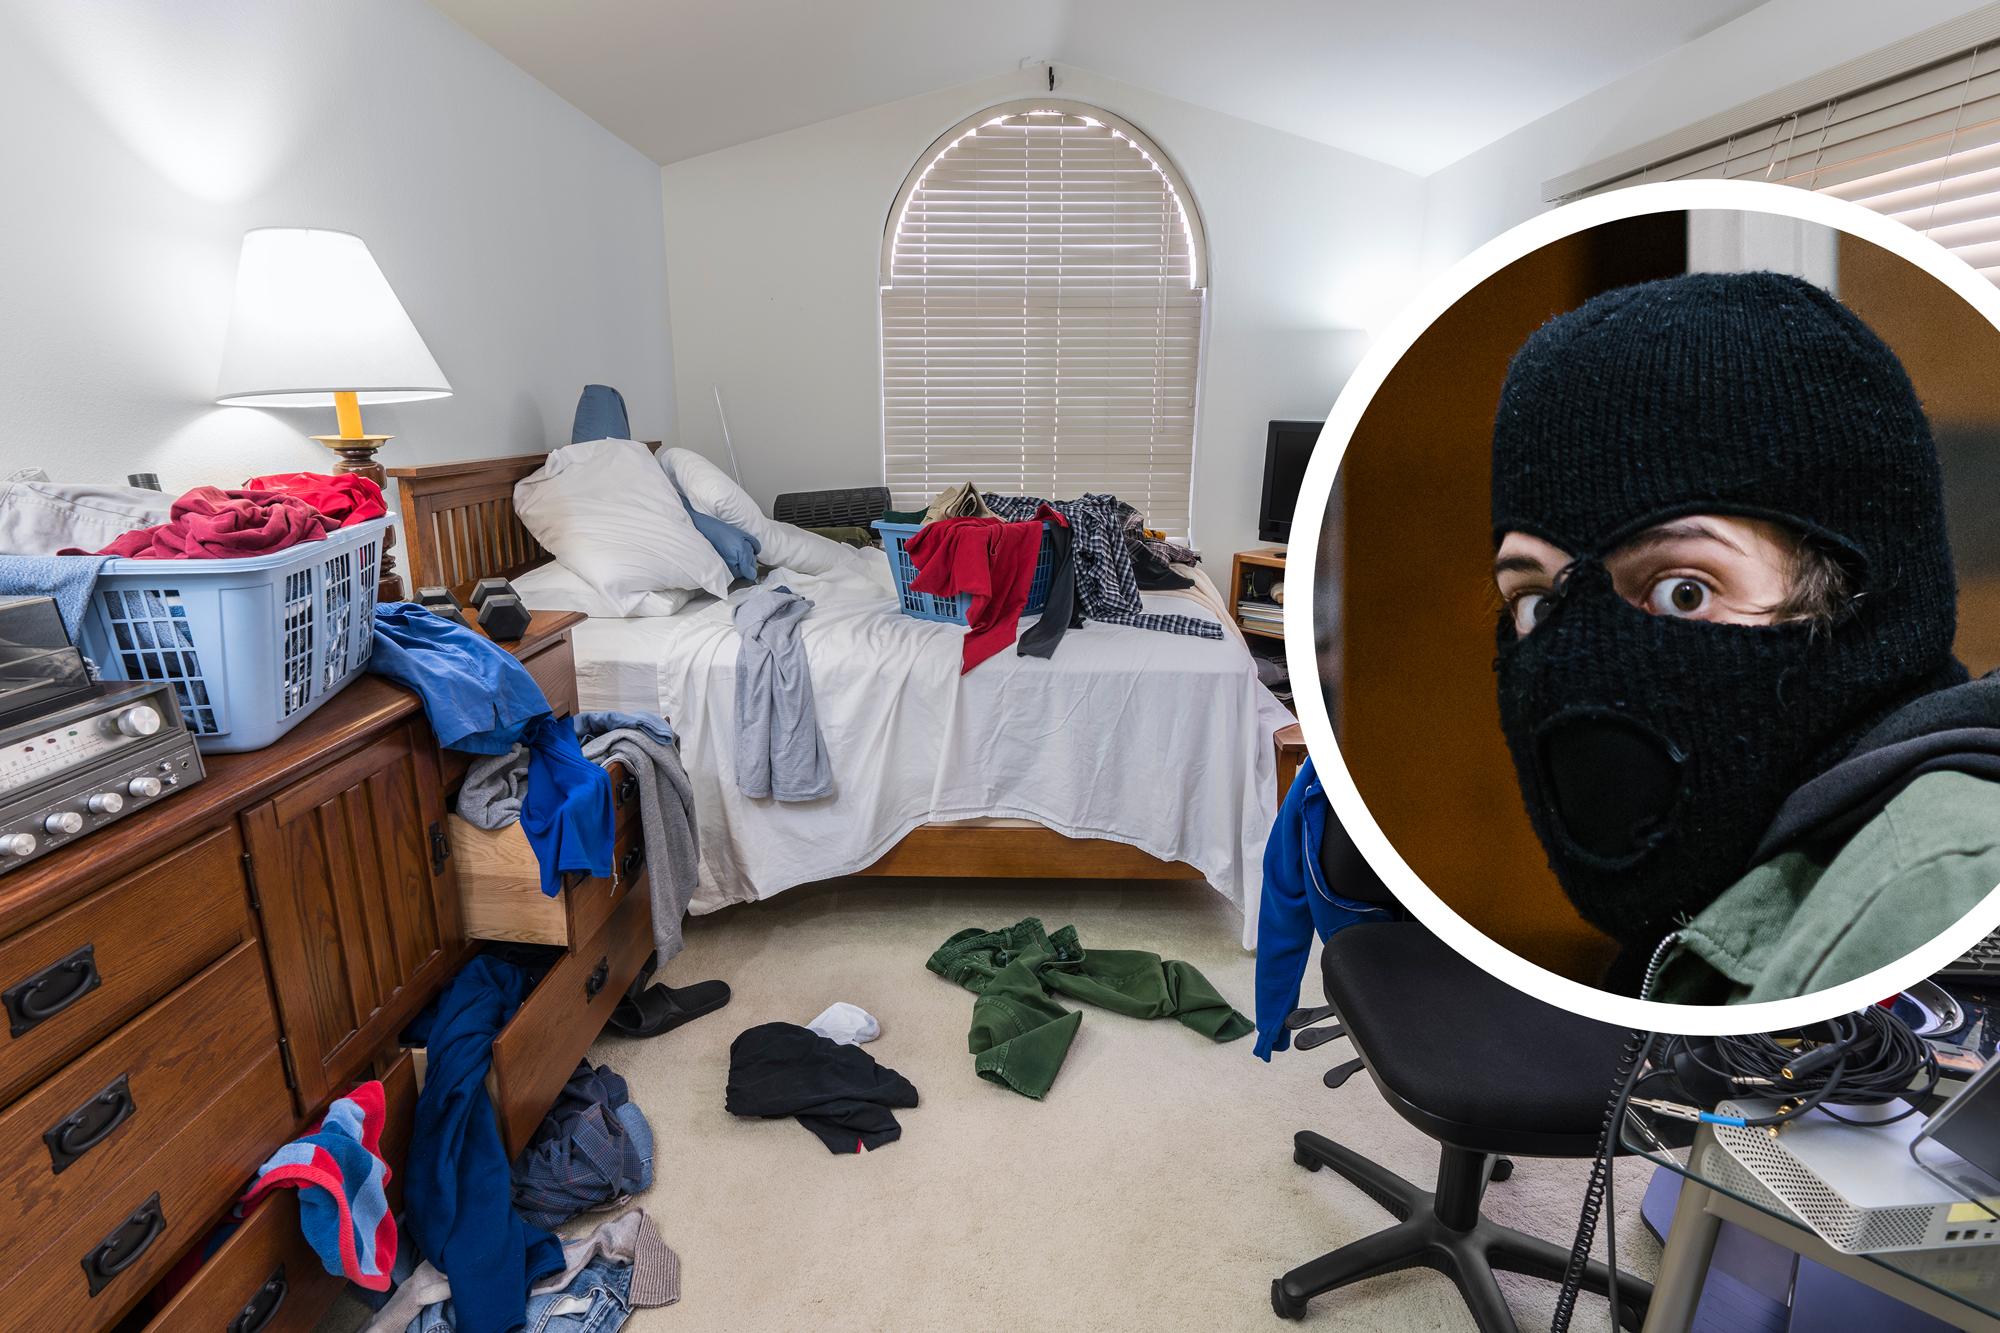 Konnte das Chaos nicht ertragen: Einbrecher räumt Wohnung von Junggeselle auf